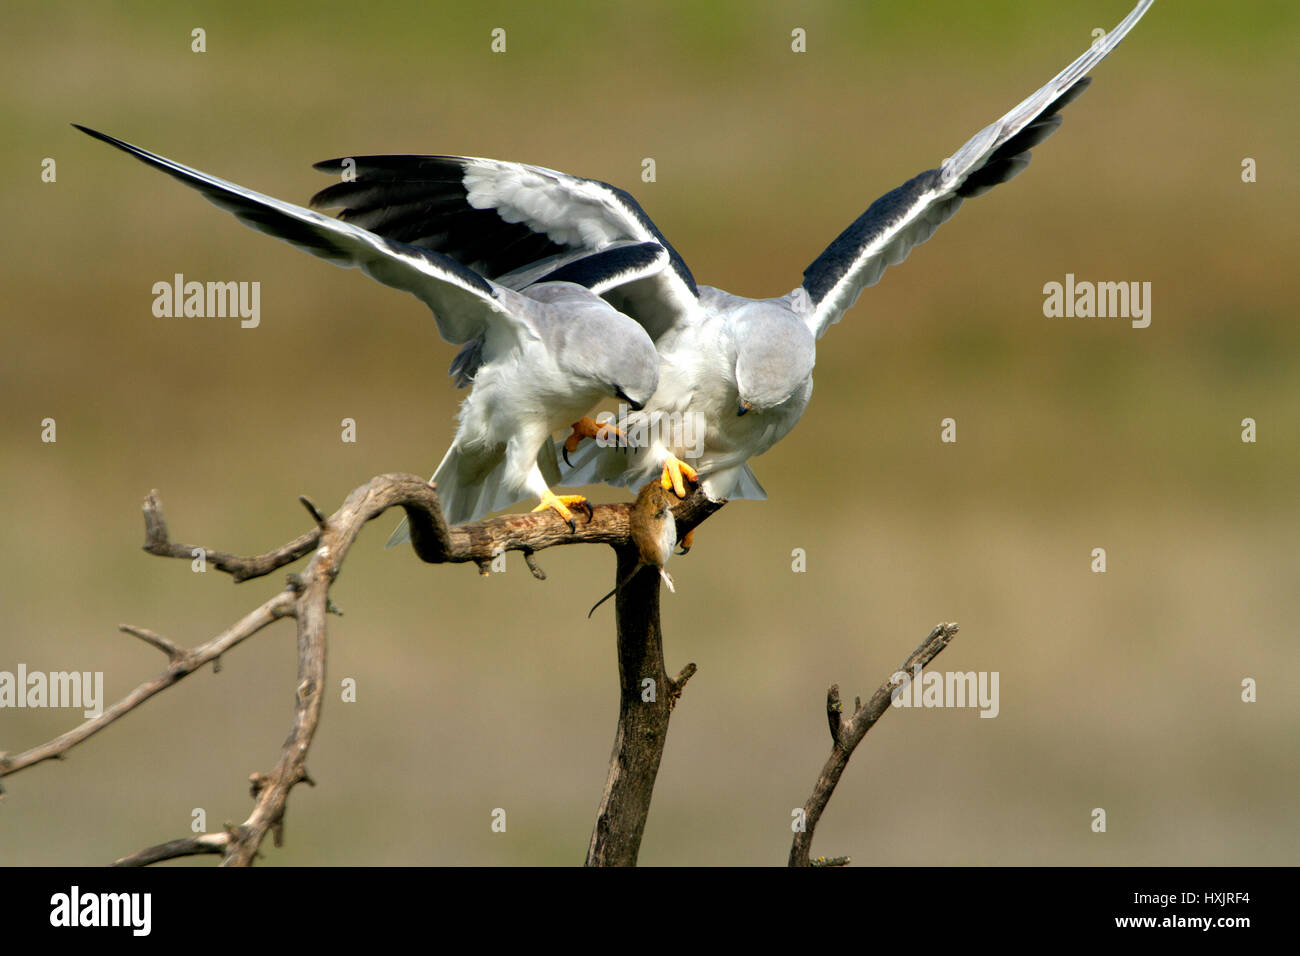 Elanus caeruleus - Stock Image